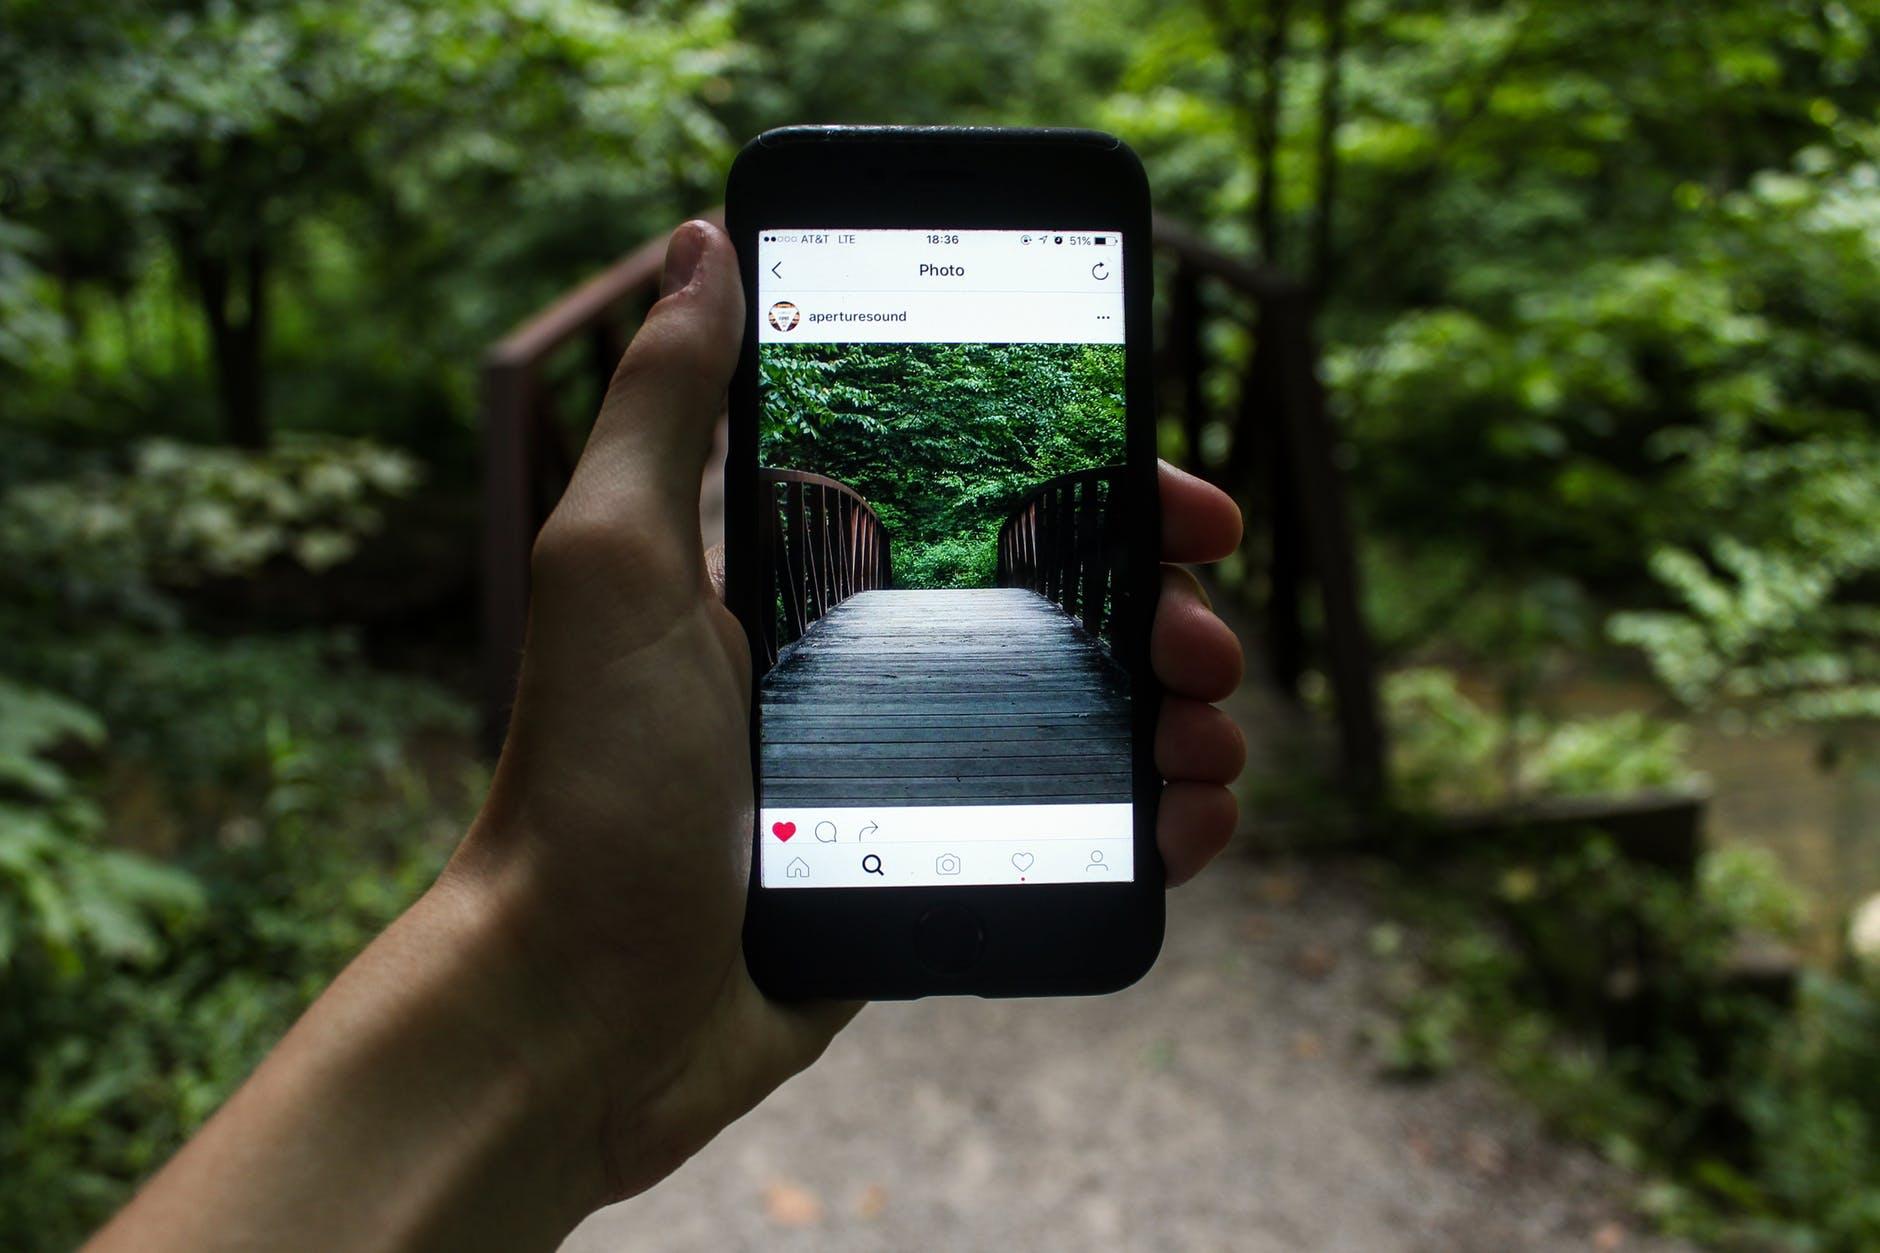 tipos-de-redes-sociais-instagram